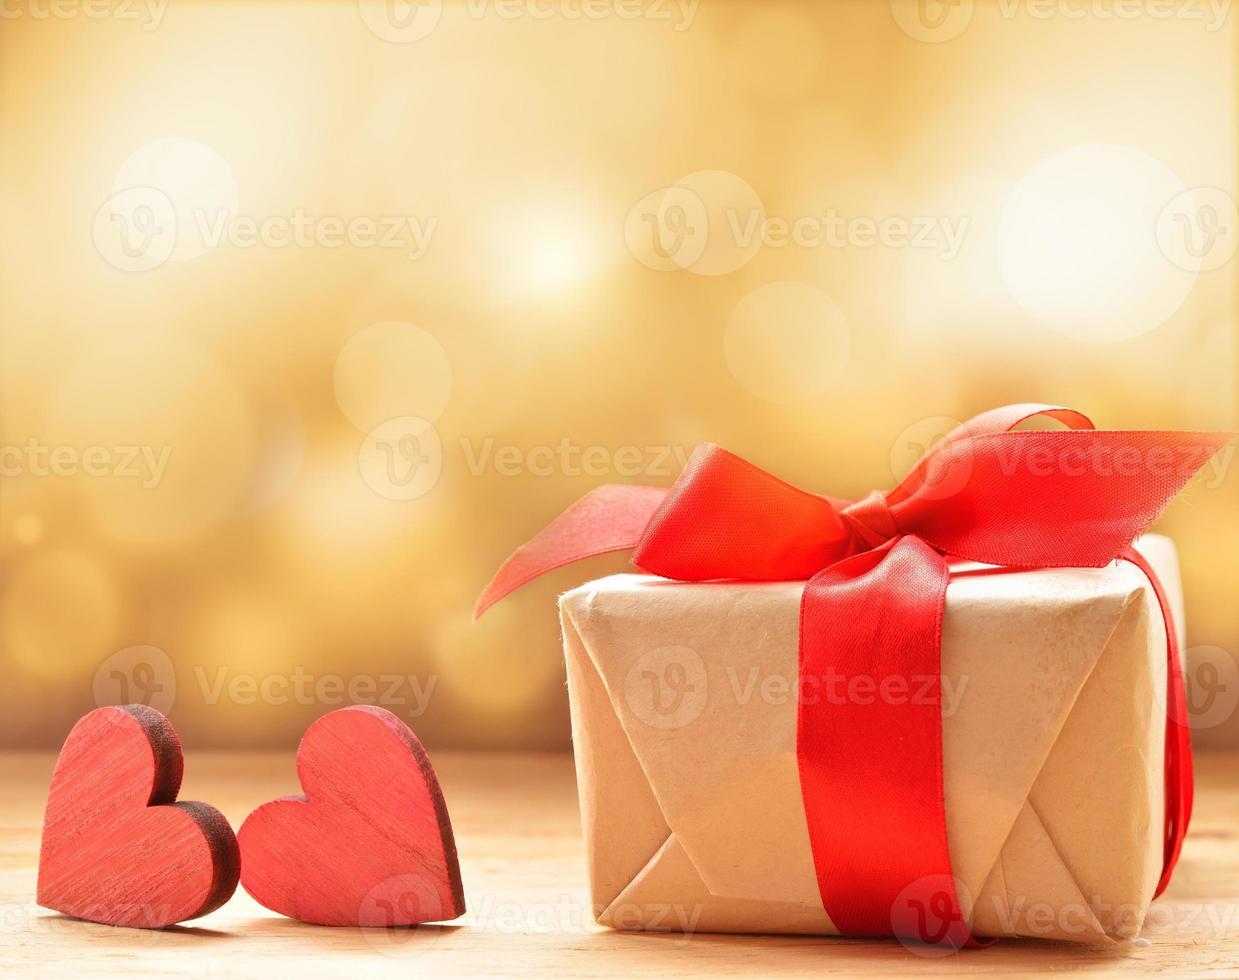 cadeau de la Saint-Valentin avec des coeurs en bois rouges photo